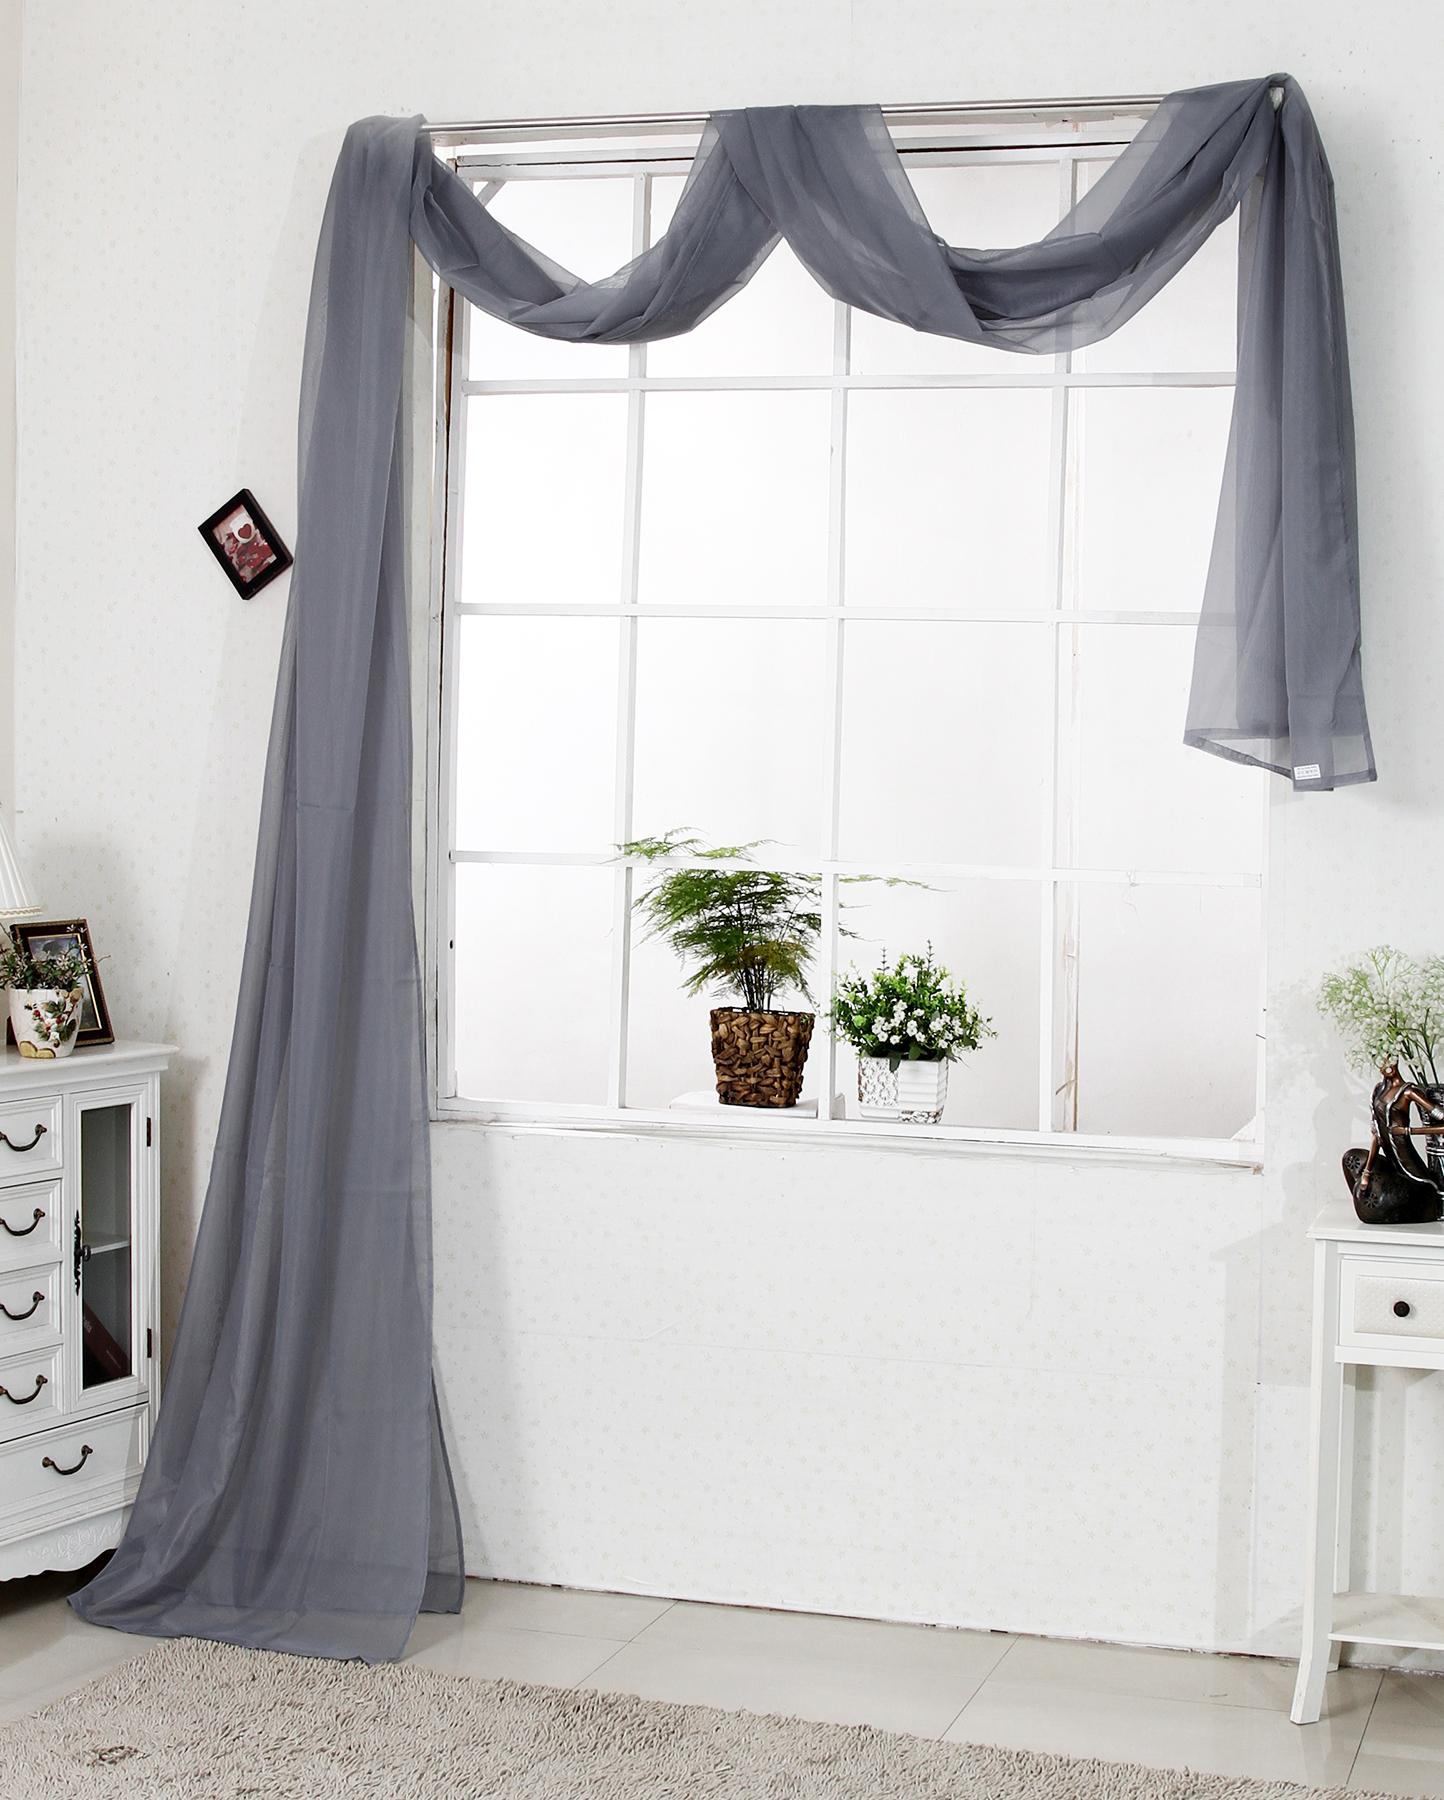 Querbehang raumteiler bergardinen gardinen vorh nge for Fenster querbehang